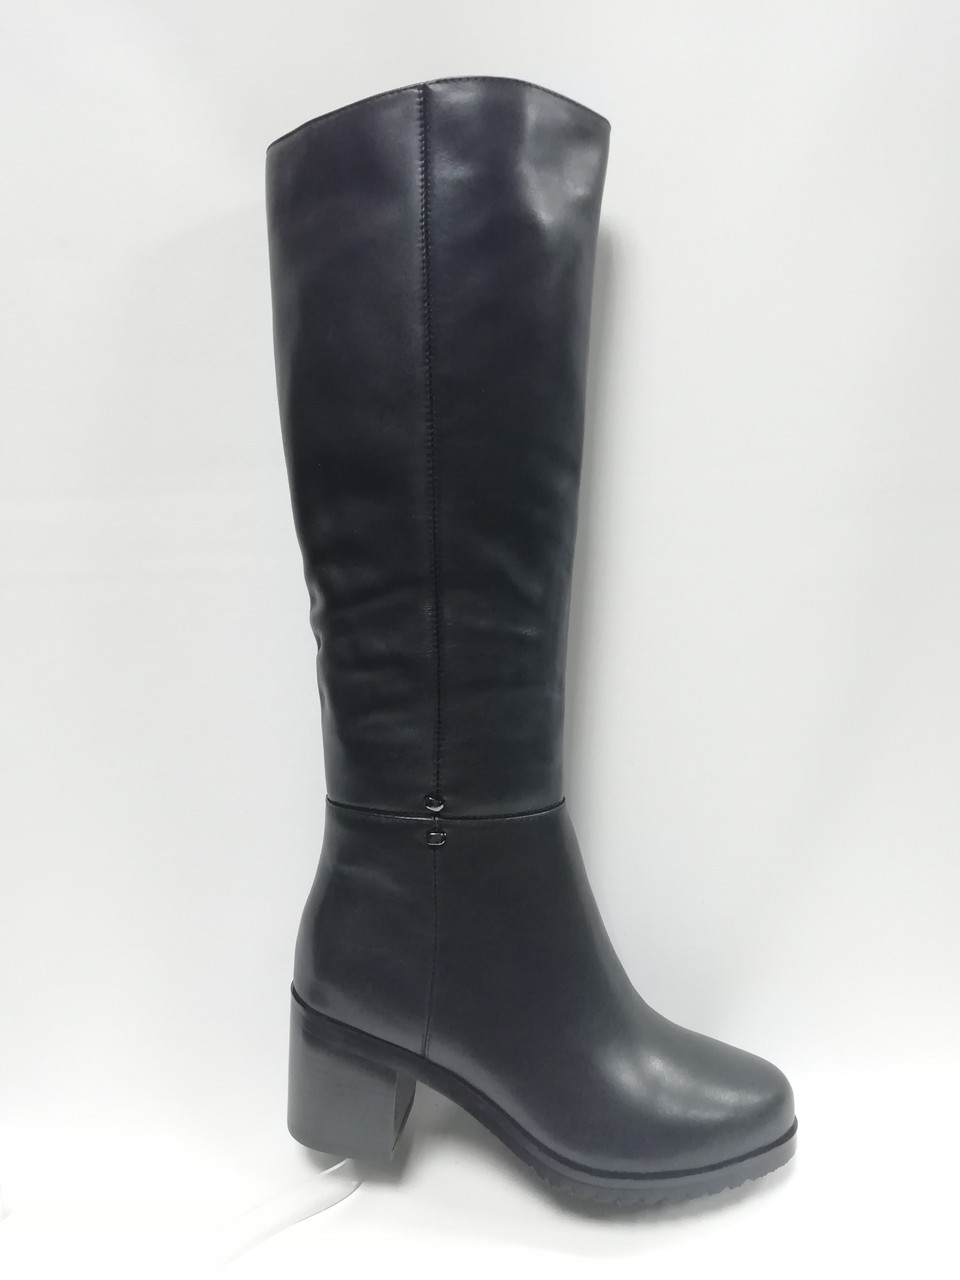 Чорні шкіряні зимові чоботи Berloni .